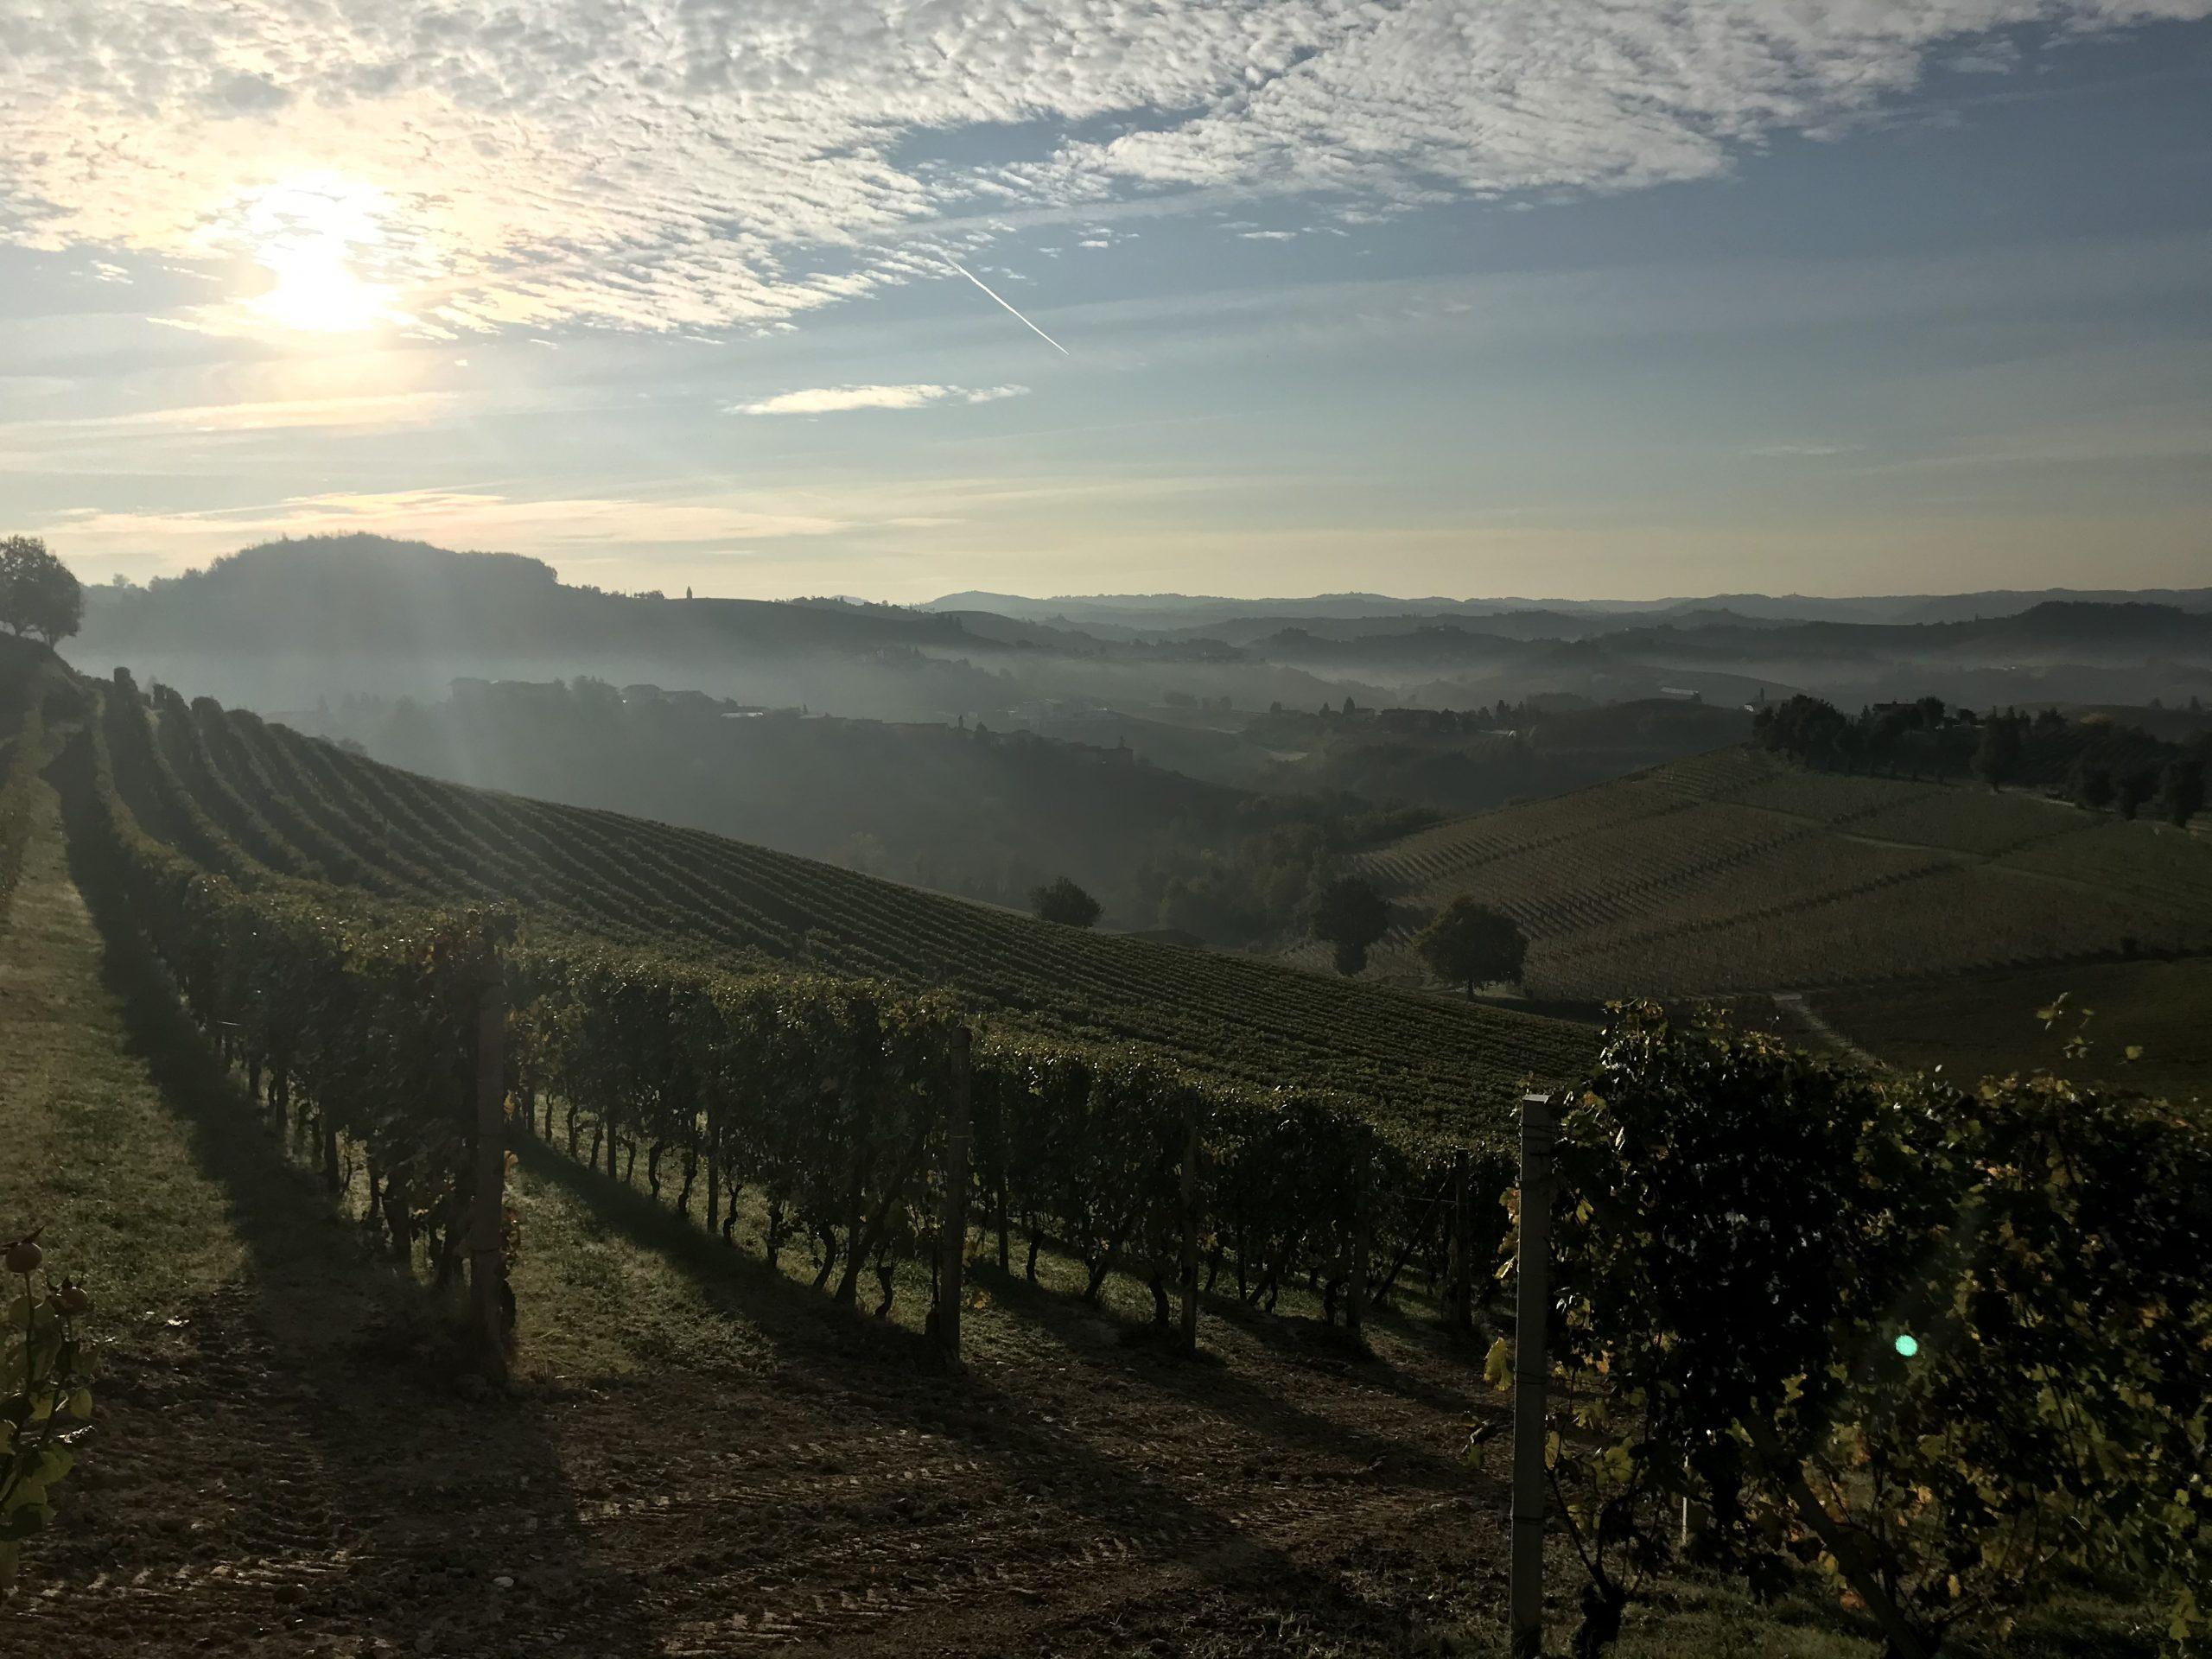 December newsletter – From the vineyard